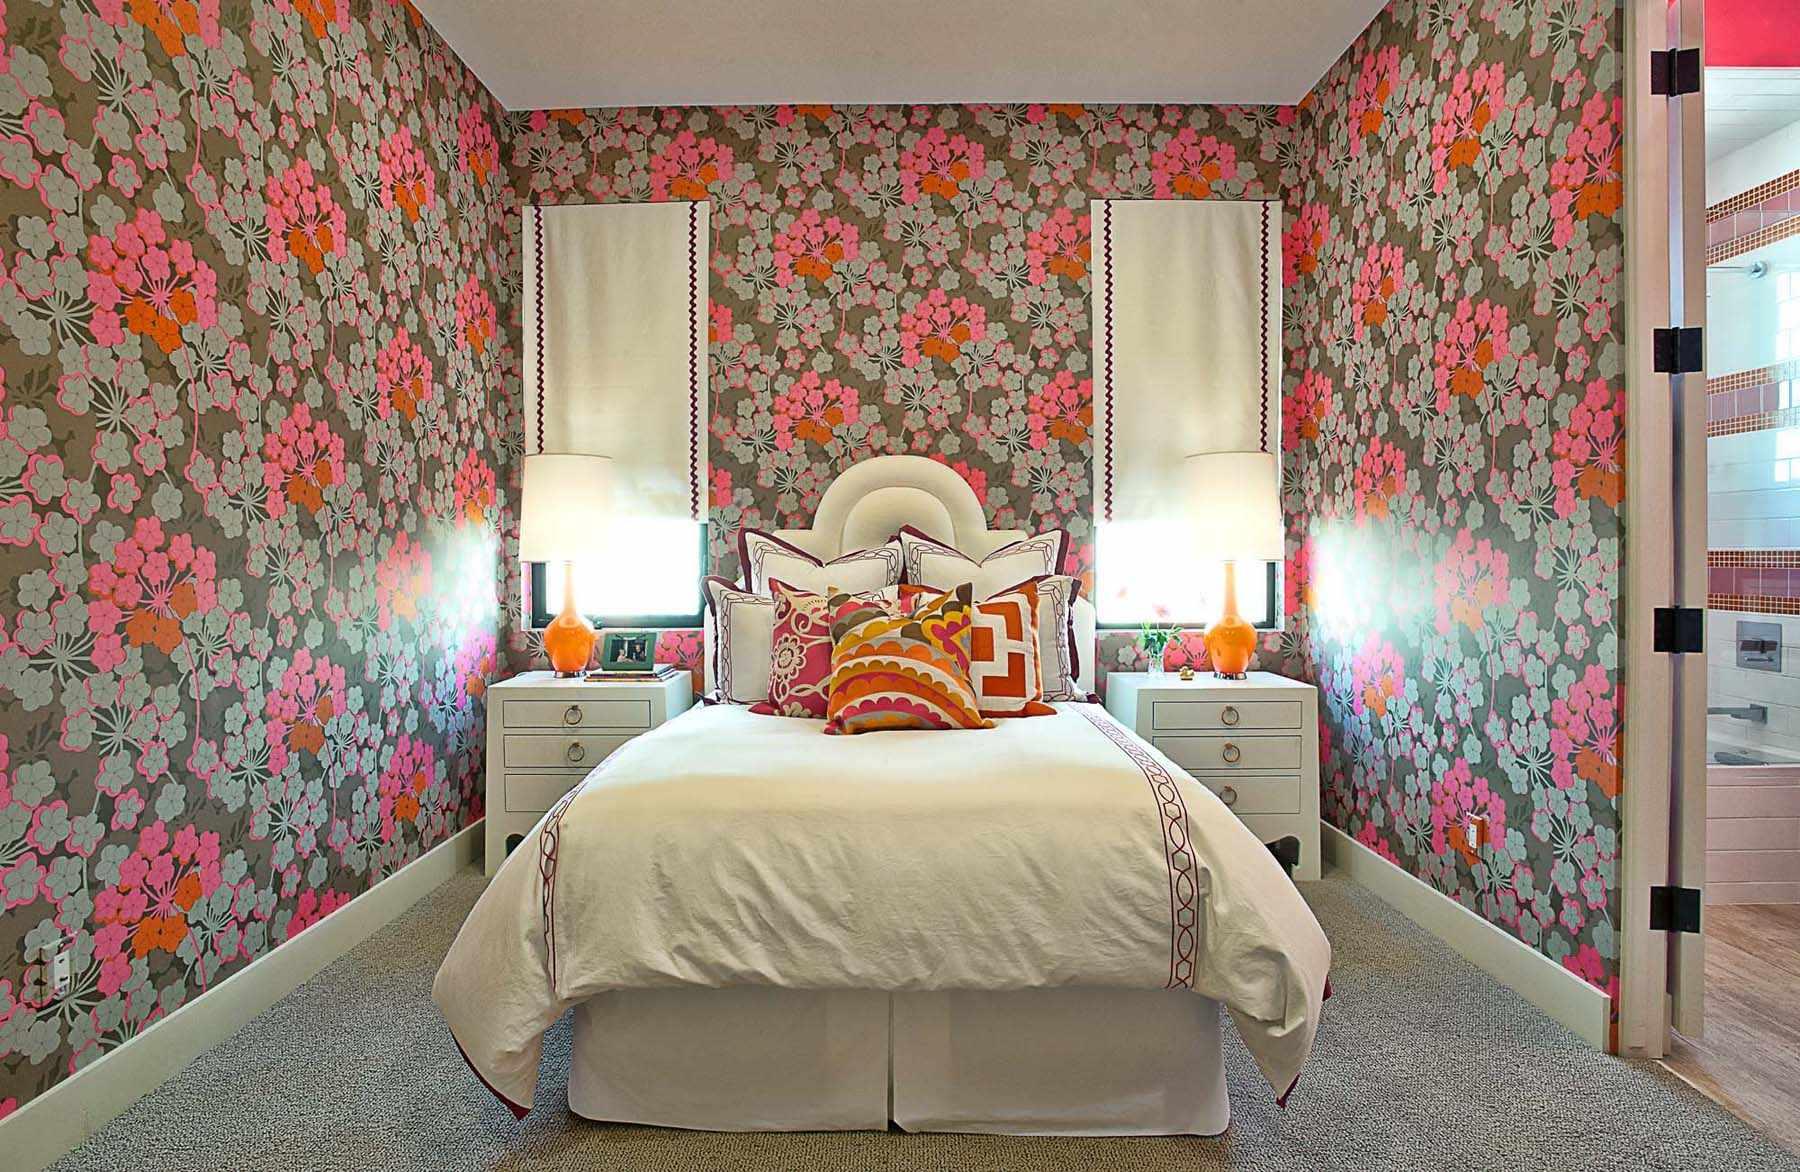 Обои рисунком в маленьком комнате